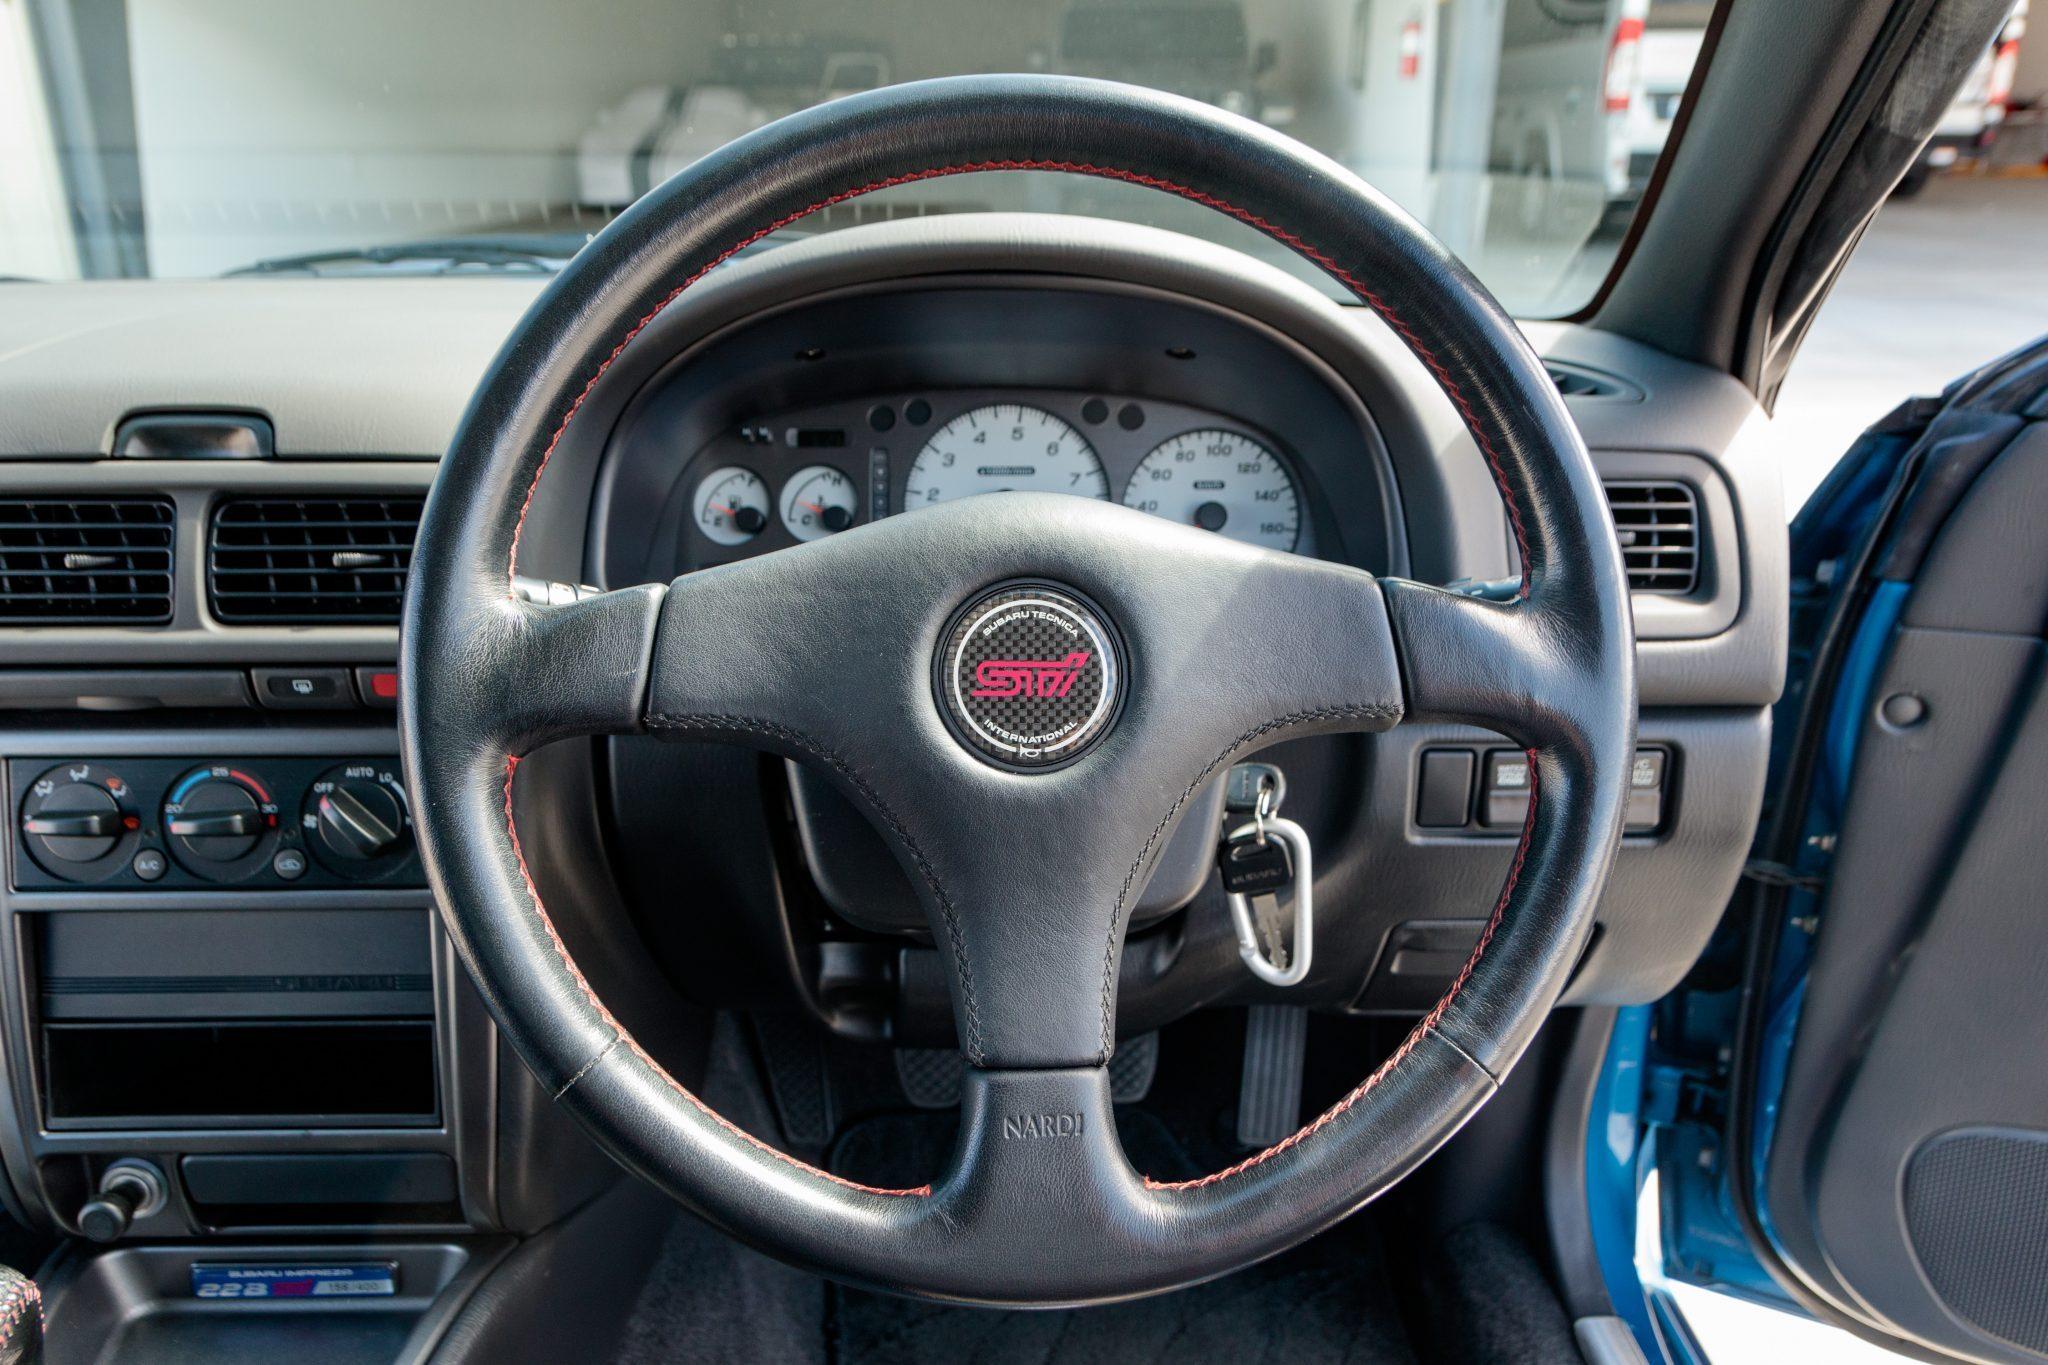 Gli interni della Subaru Impreza 22B STi venduta all'asta